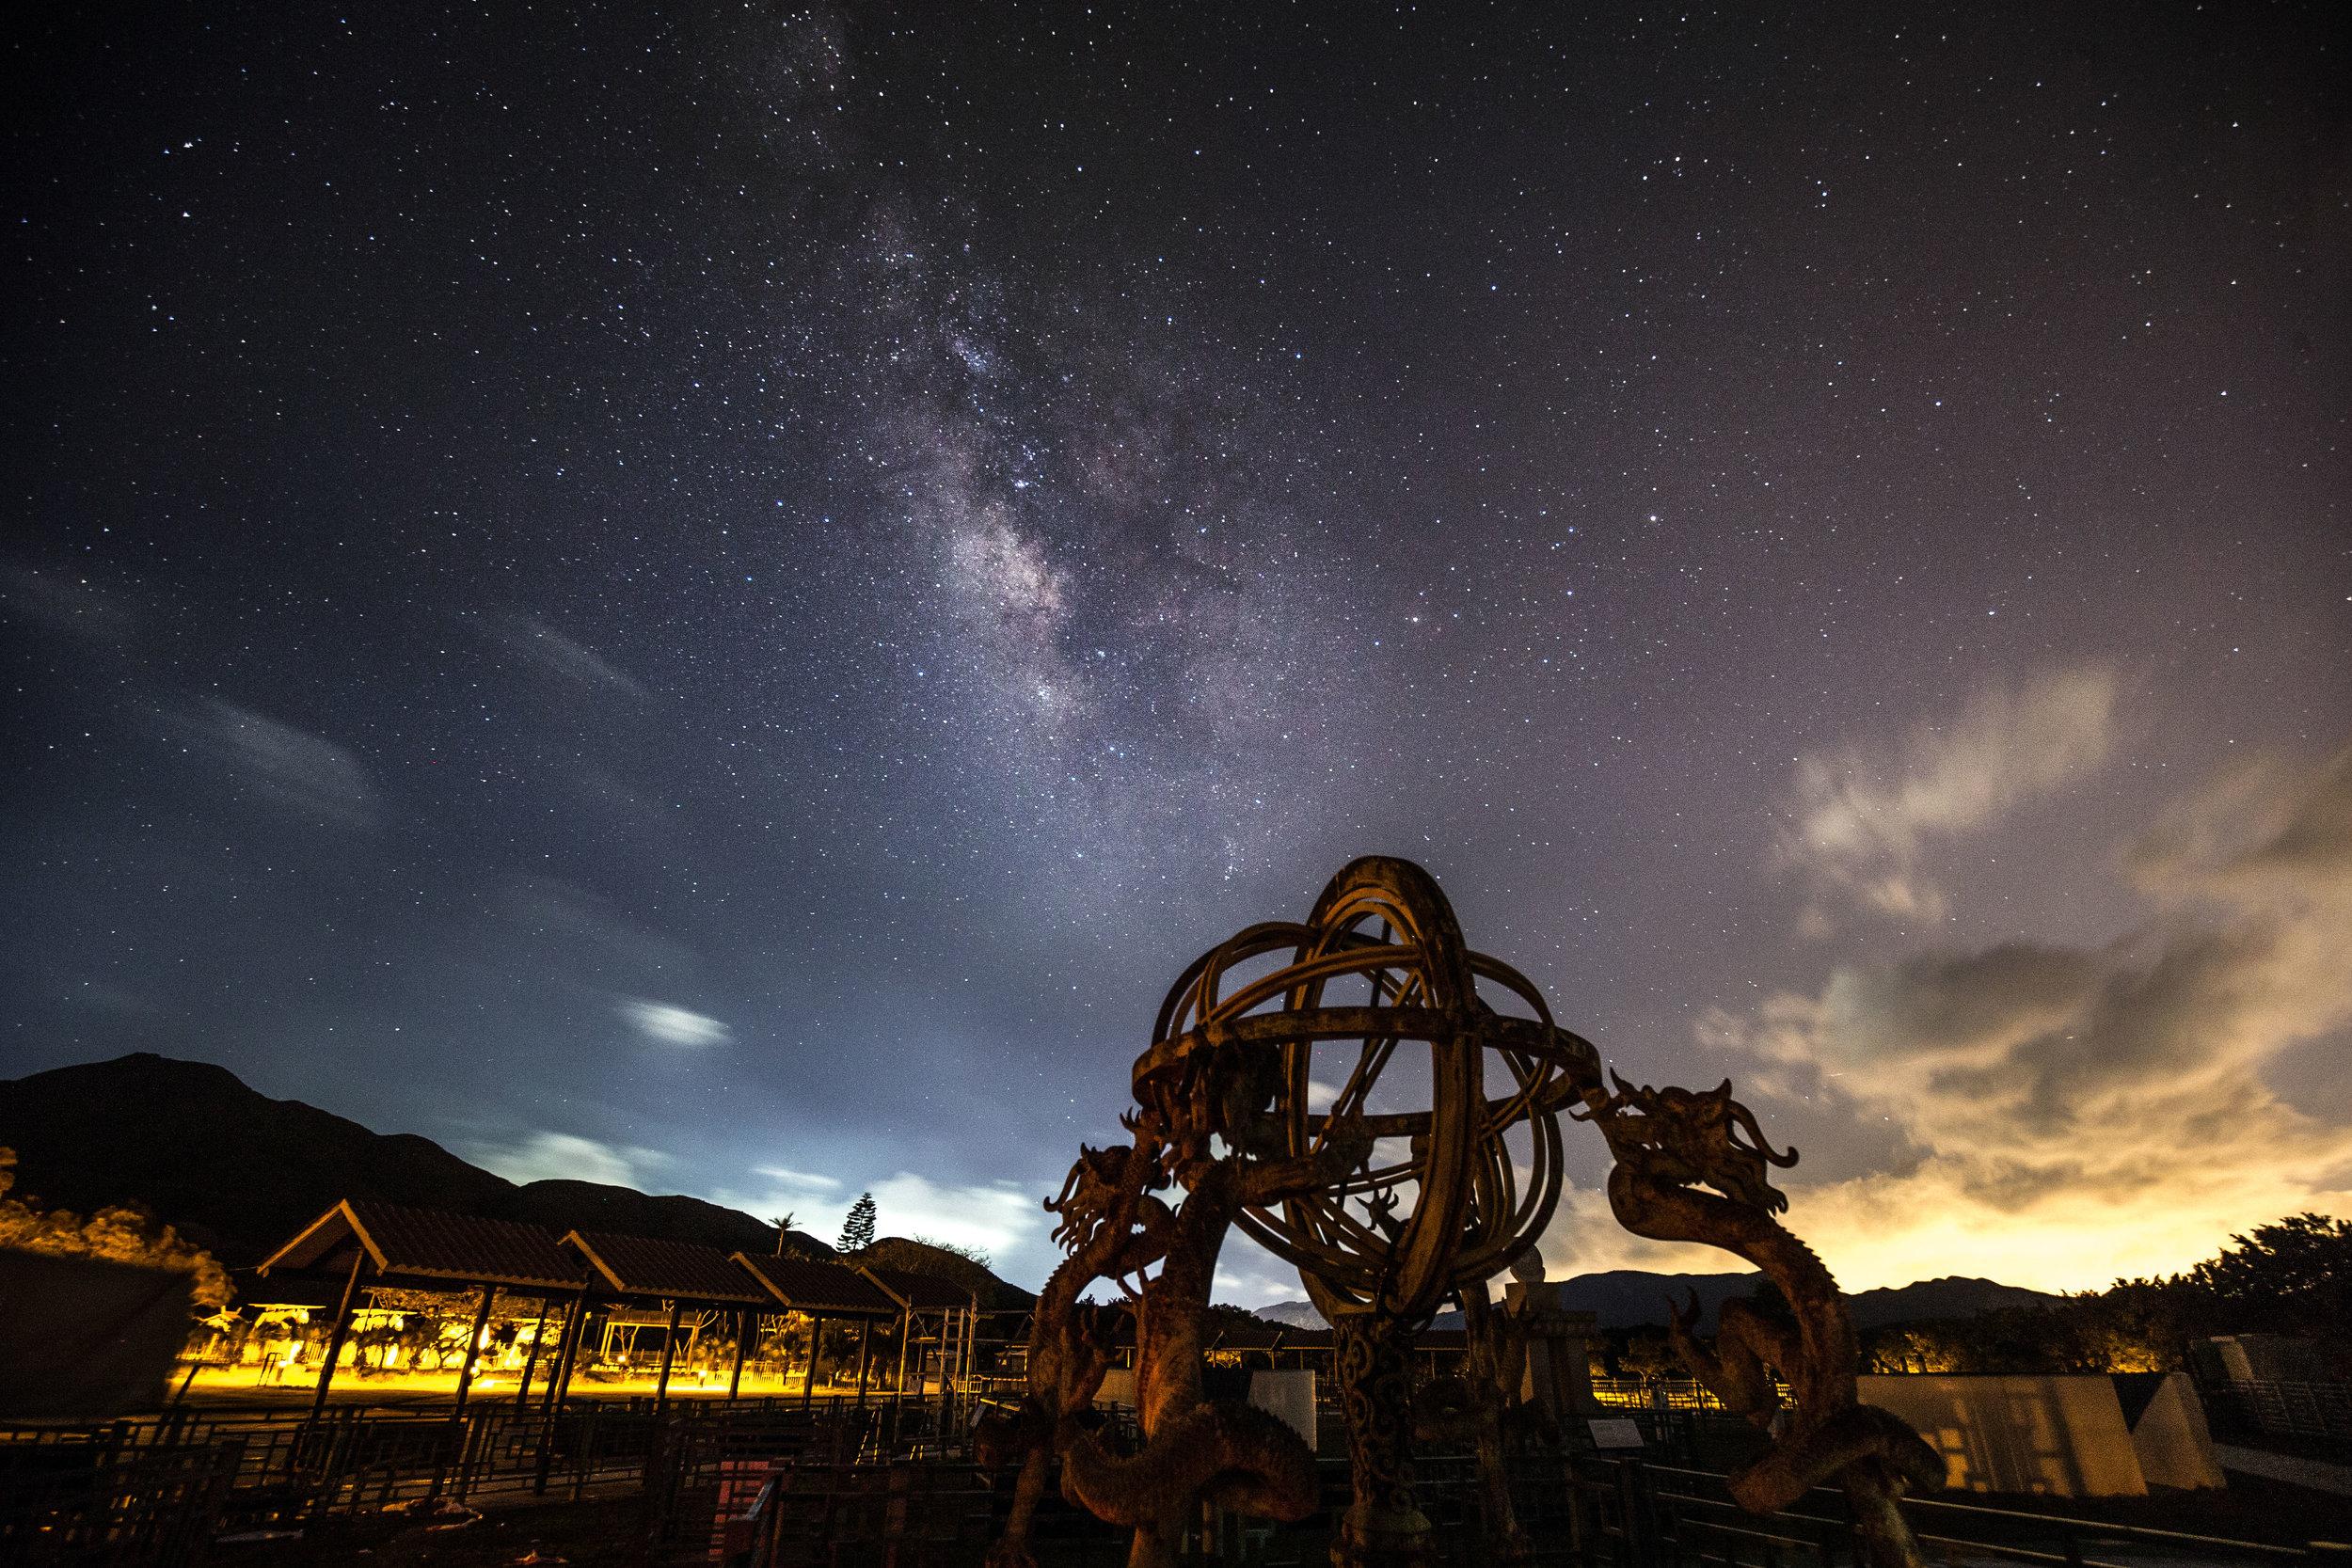 Hong Kong Space Musuem Astropark 2015 #1